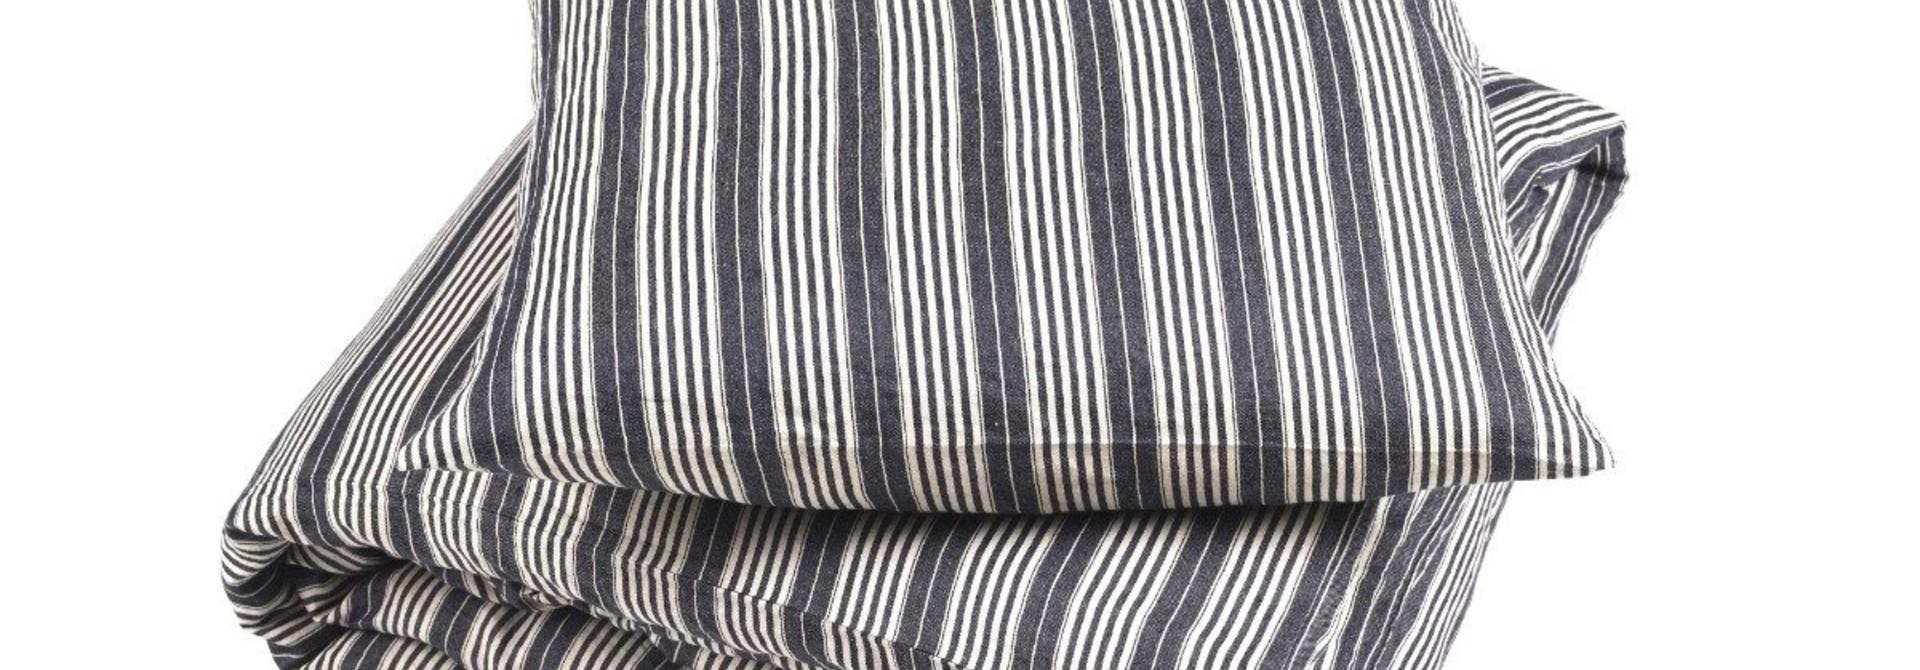 Pillow Sham - Tack Stripe -  Queen